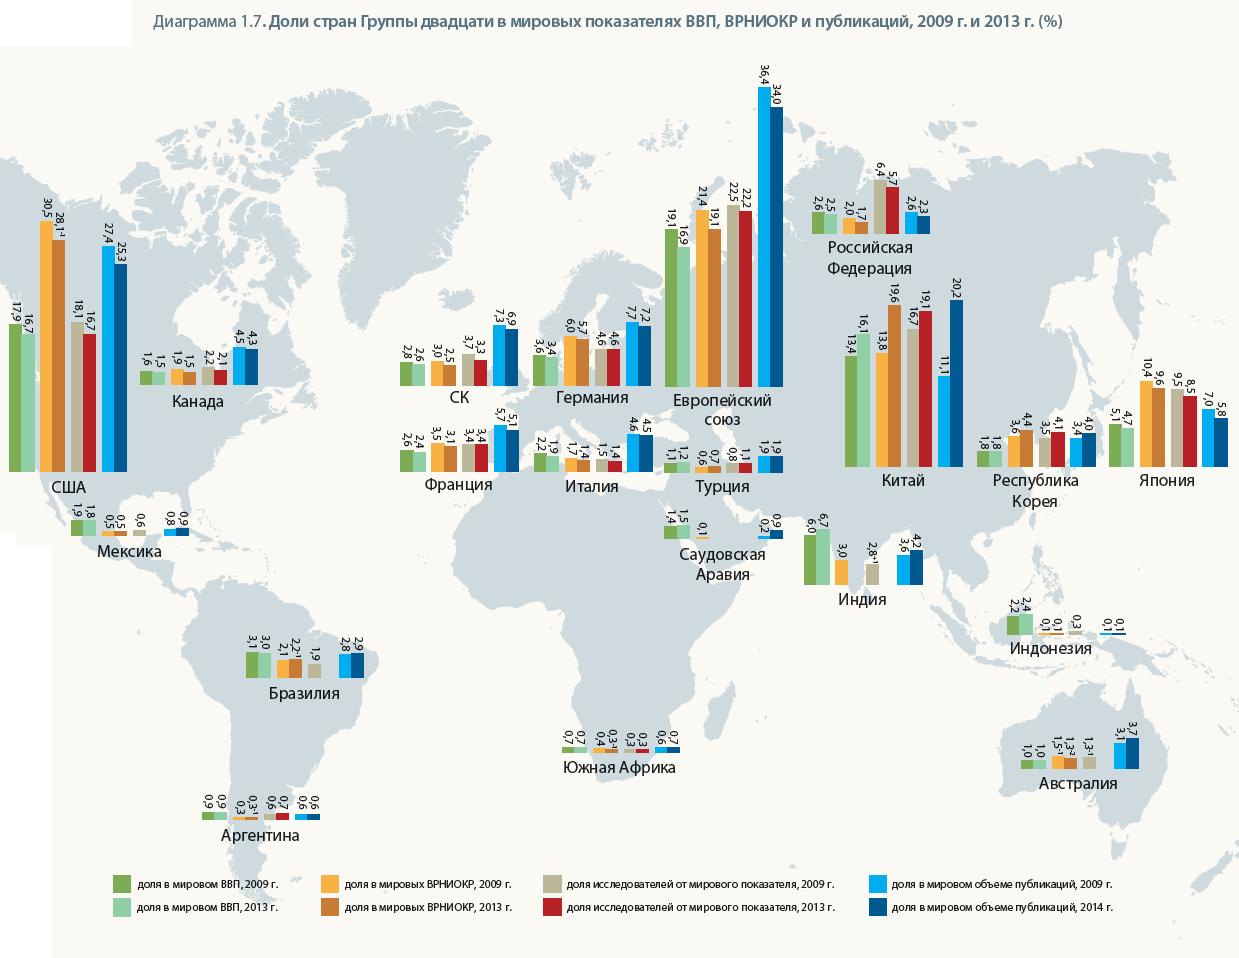 ЮНЕСКО отмечает рост мировых расходов на науку - 7